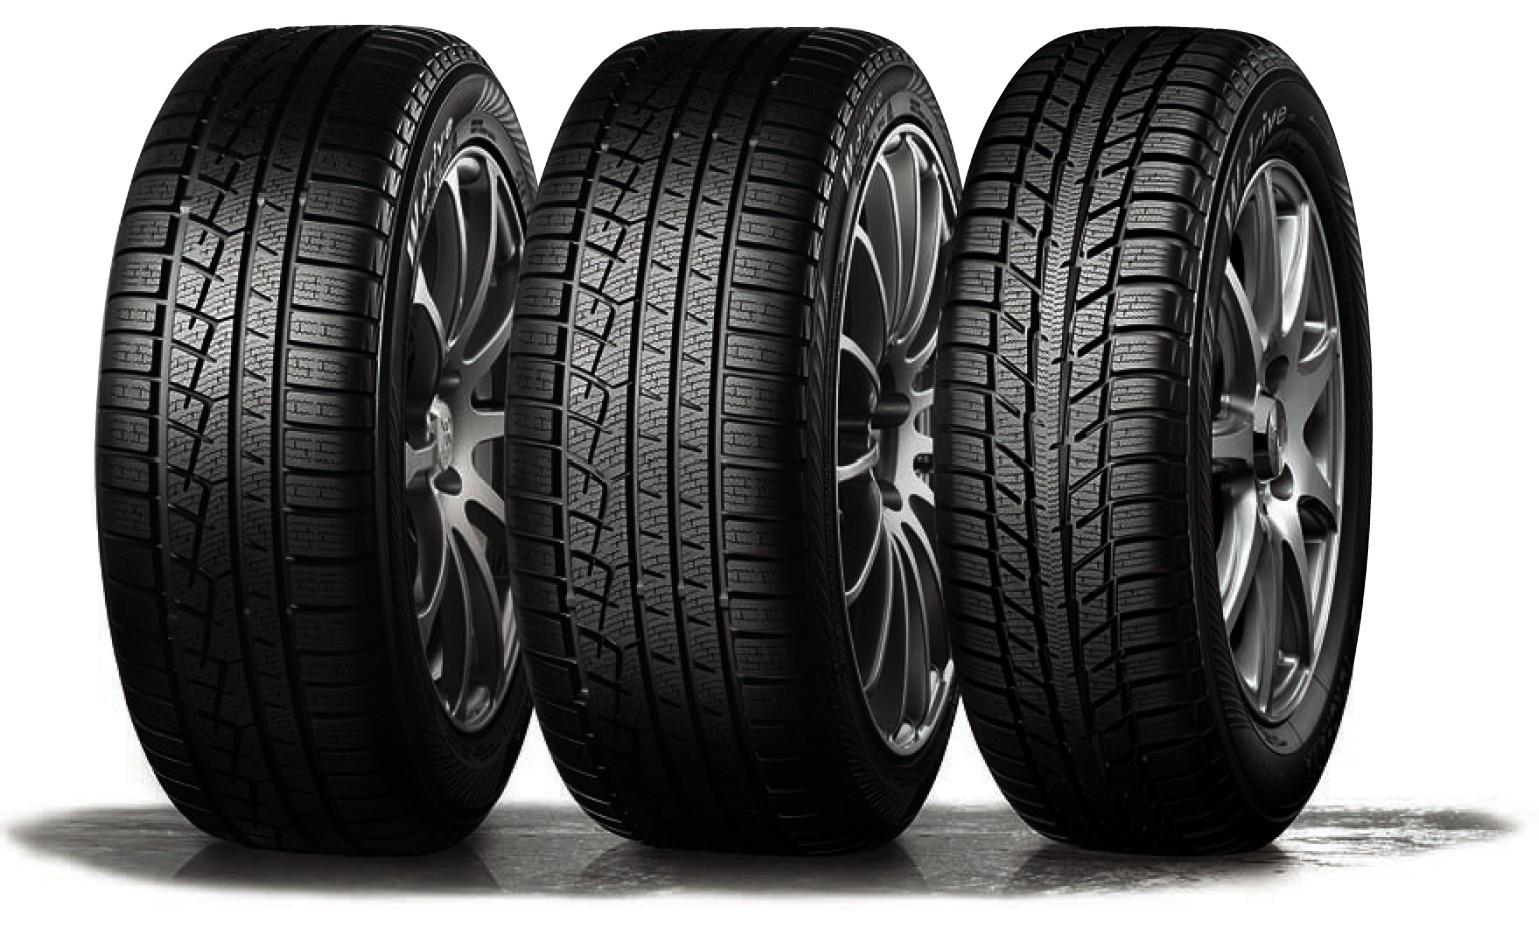 Beneficios de comprar neumáticos online en Feu Vert